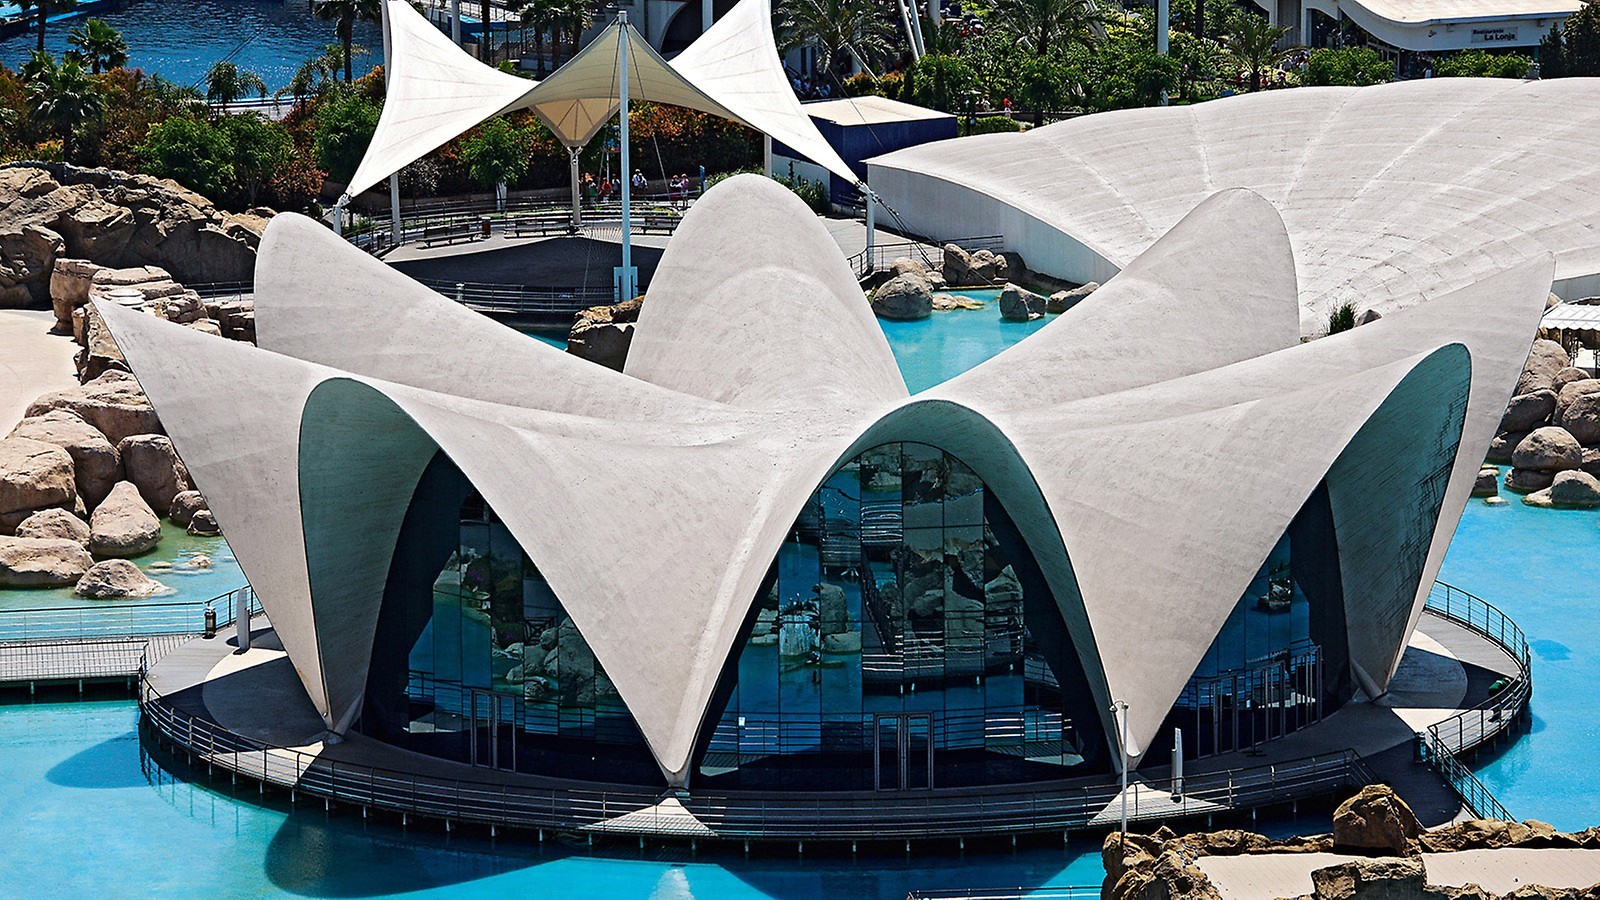 restaurante-flotante-submarino-diseño-de-felix-candela